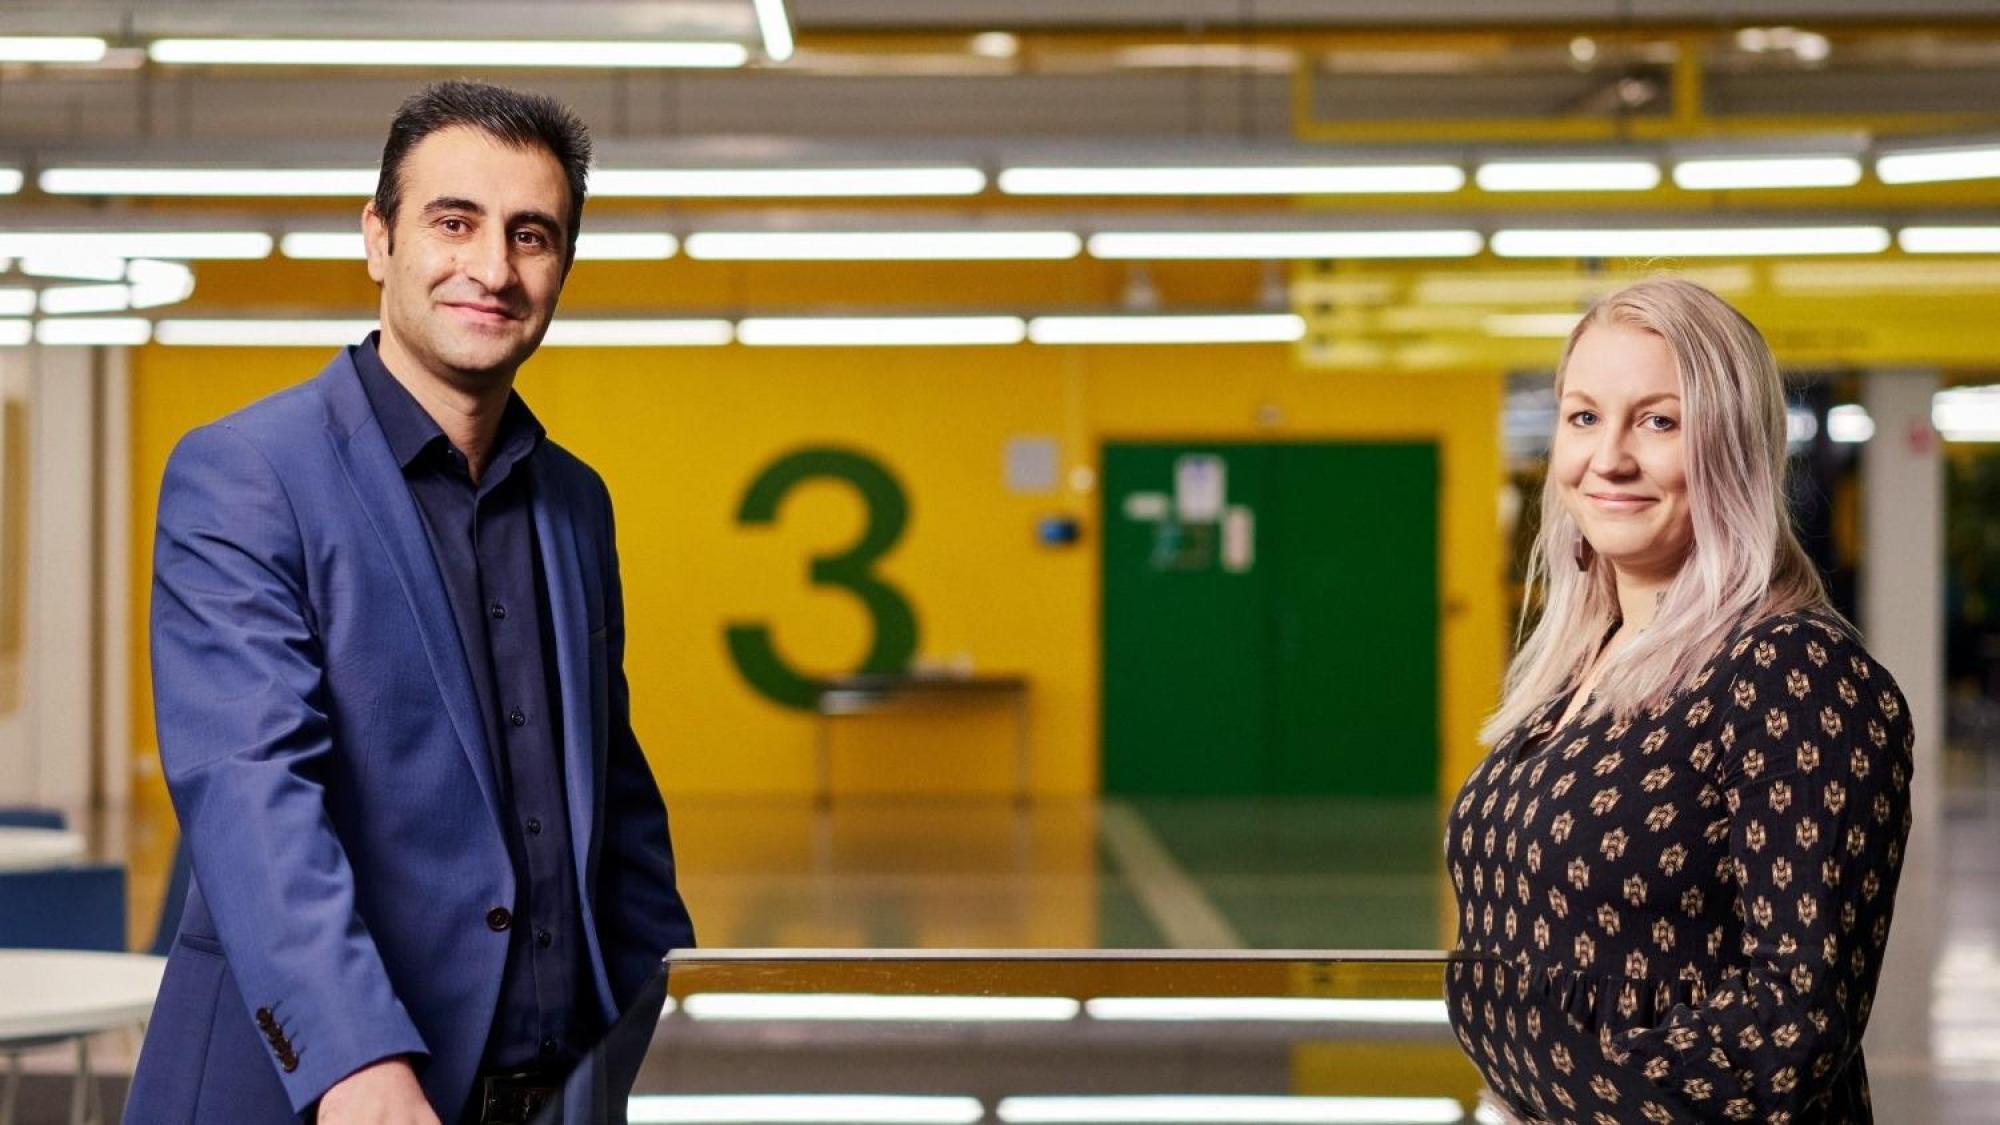 Siamak Seyfi and Noora Hirvonen standing in the University hallway.